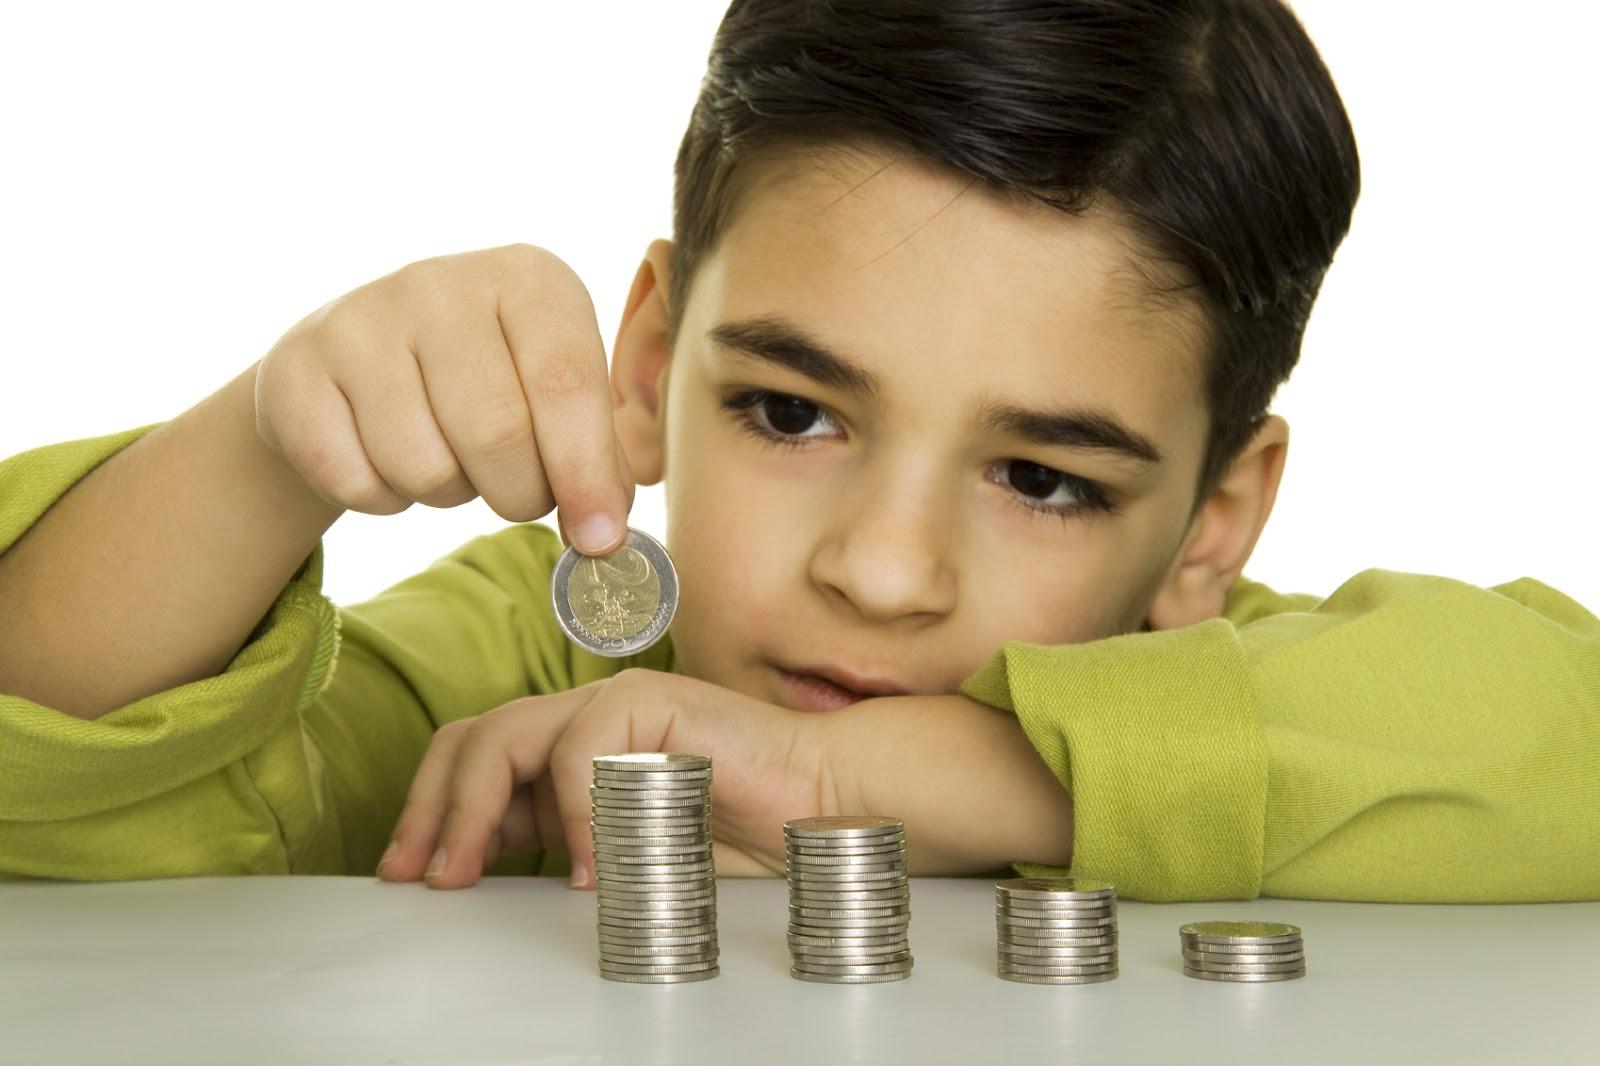 Chlapeček rovná sloupce z mincí